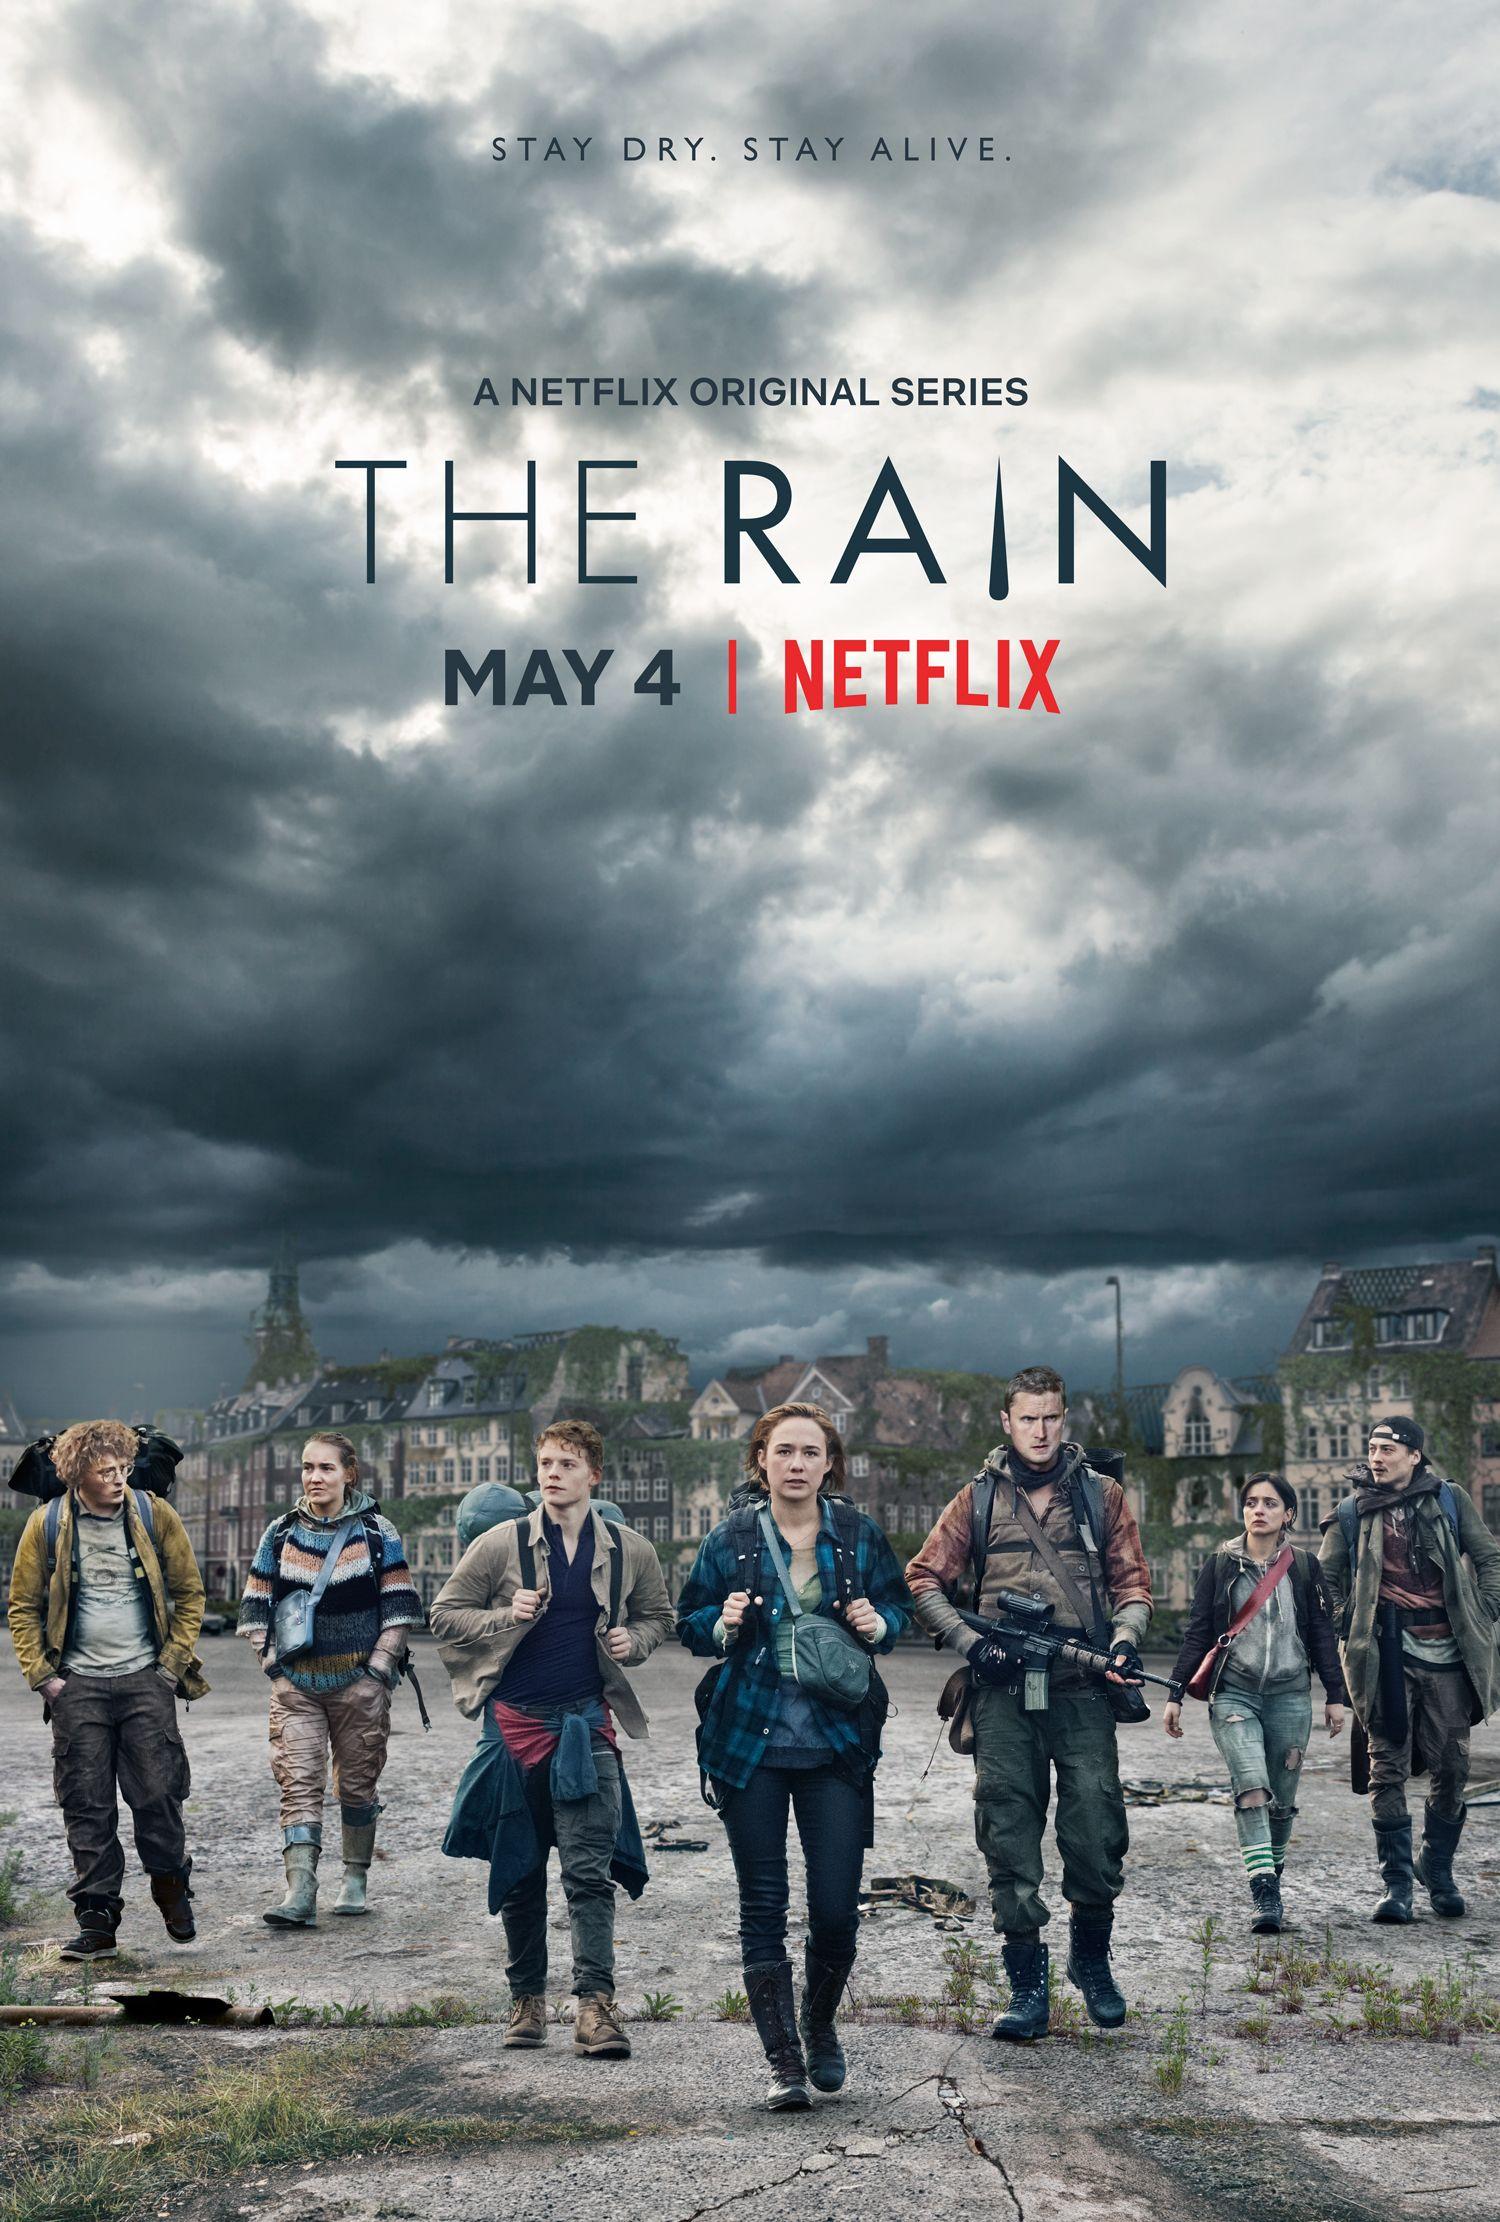 The Rain 1 Sezon Tum Bolumleri Izle 720p Full Hd Izle Hizli Ve Kaliteli Izle Turkce Dublaj Yabanci Dizi Izle Indirmeden Onli Film Tv Dizileri Film Posteri